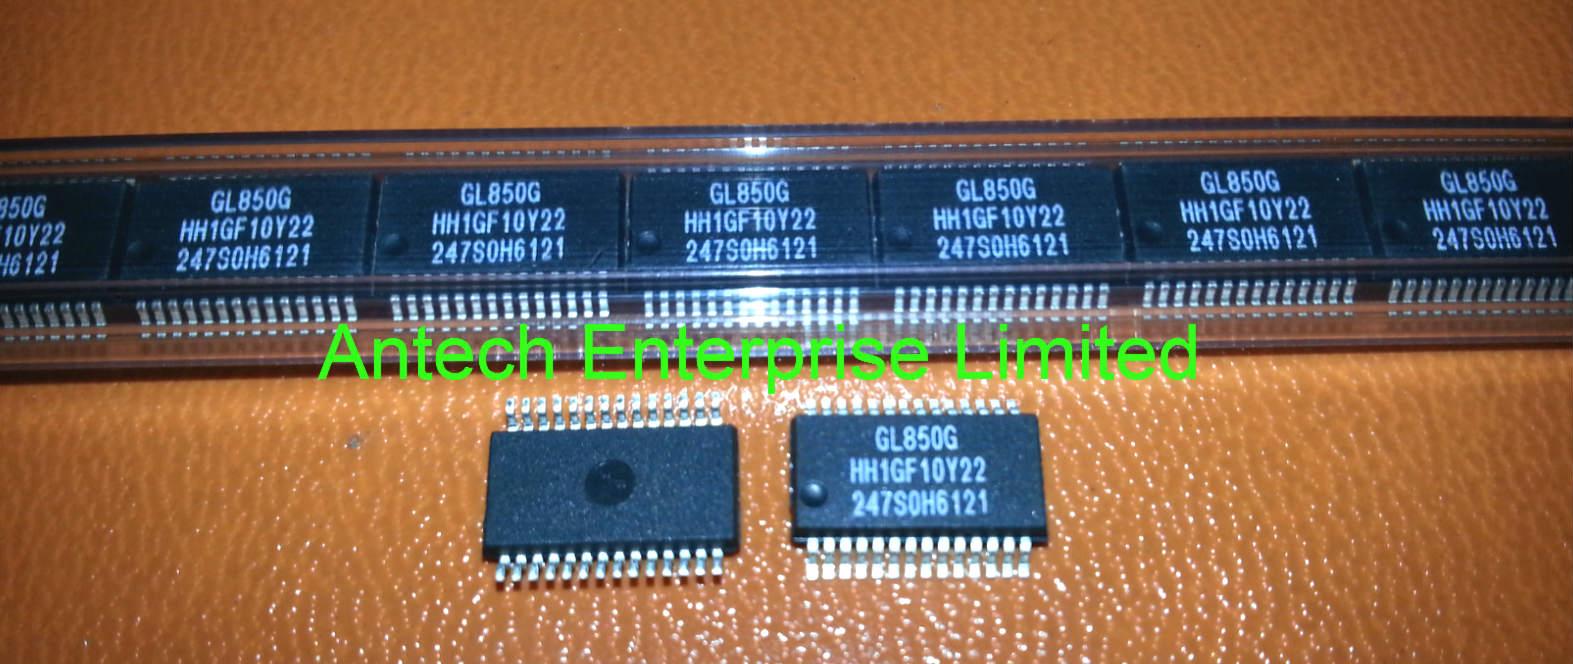 gl850g genesys usb 2.0 hub controller ssop28